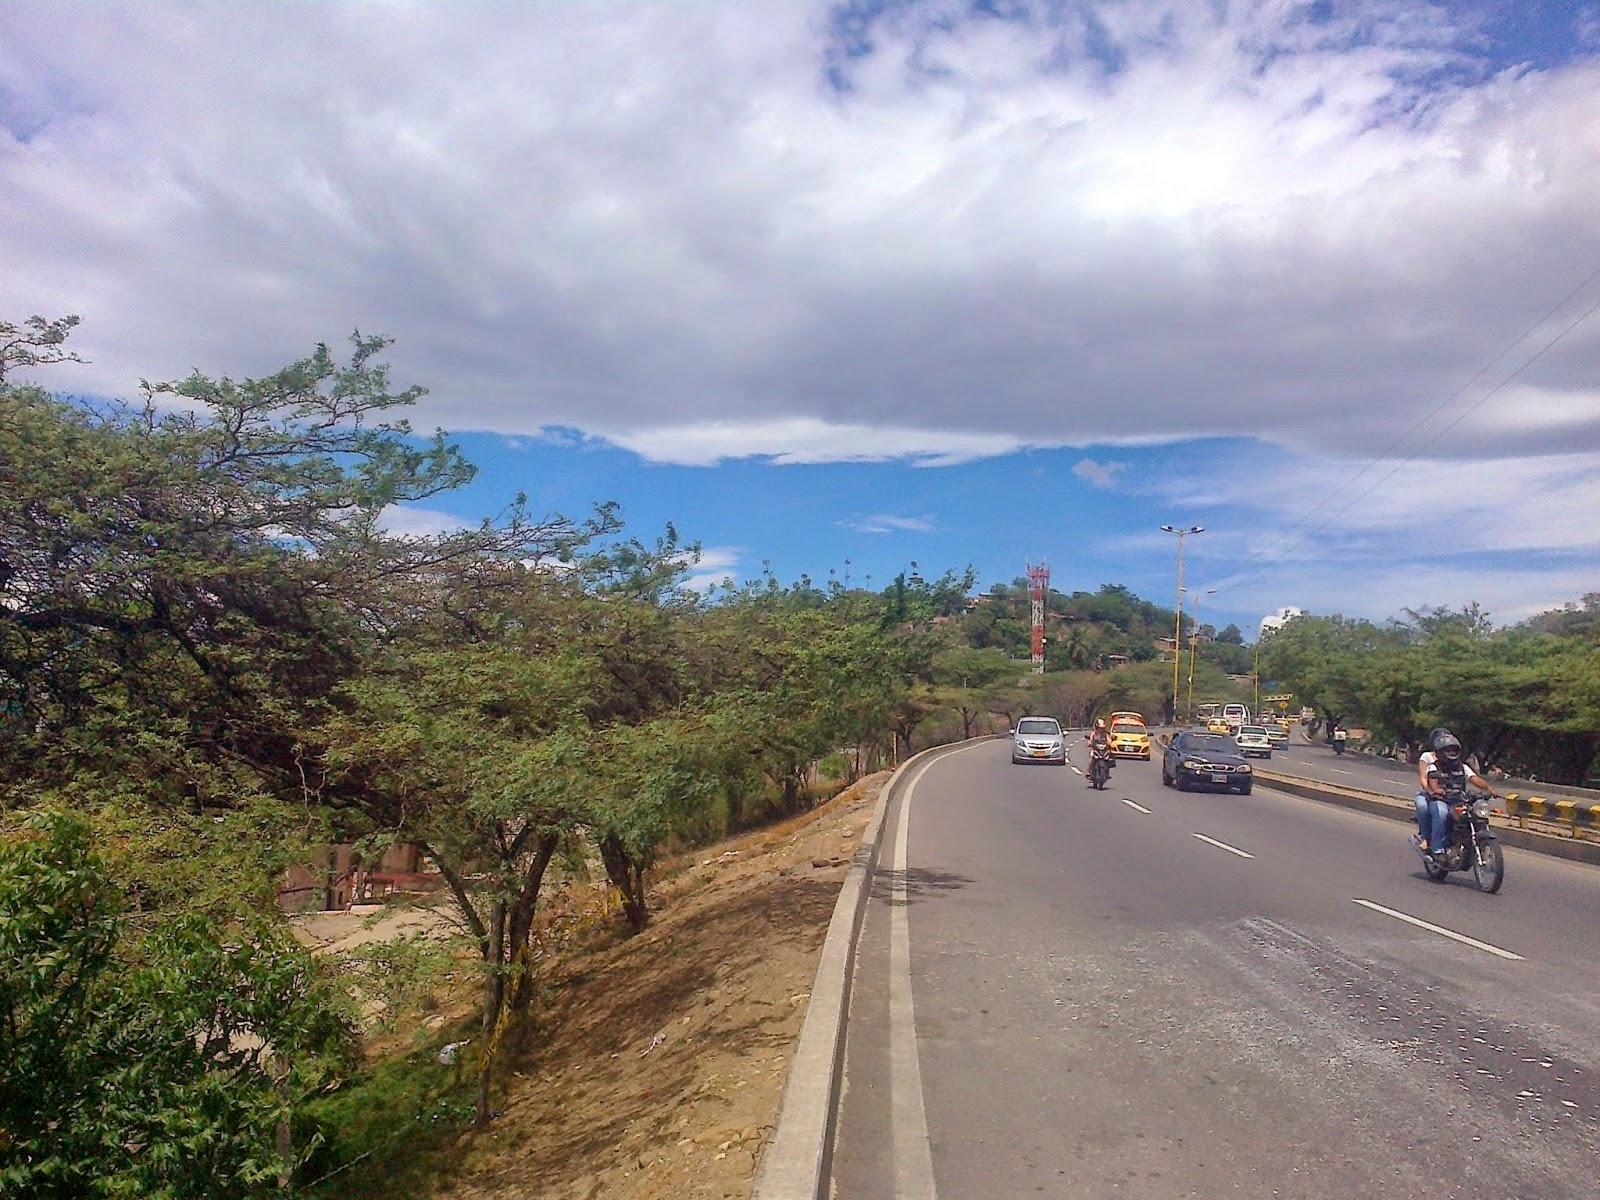 [Sector de San Felipe en el barrio Chapinero de la ciudad de Cúcuta - Colombia, -entre el puente peatonal Kenedy y El Palutre- que la OngAE proyecta y gestiona ante las autoridades para que sea el Ecoparque Piloto Divino Niño. Foto: Félix Contreras].